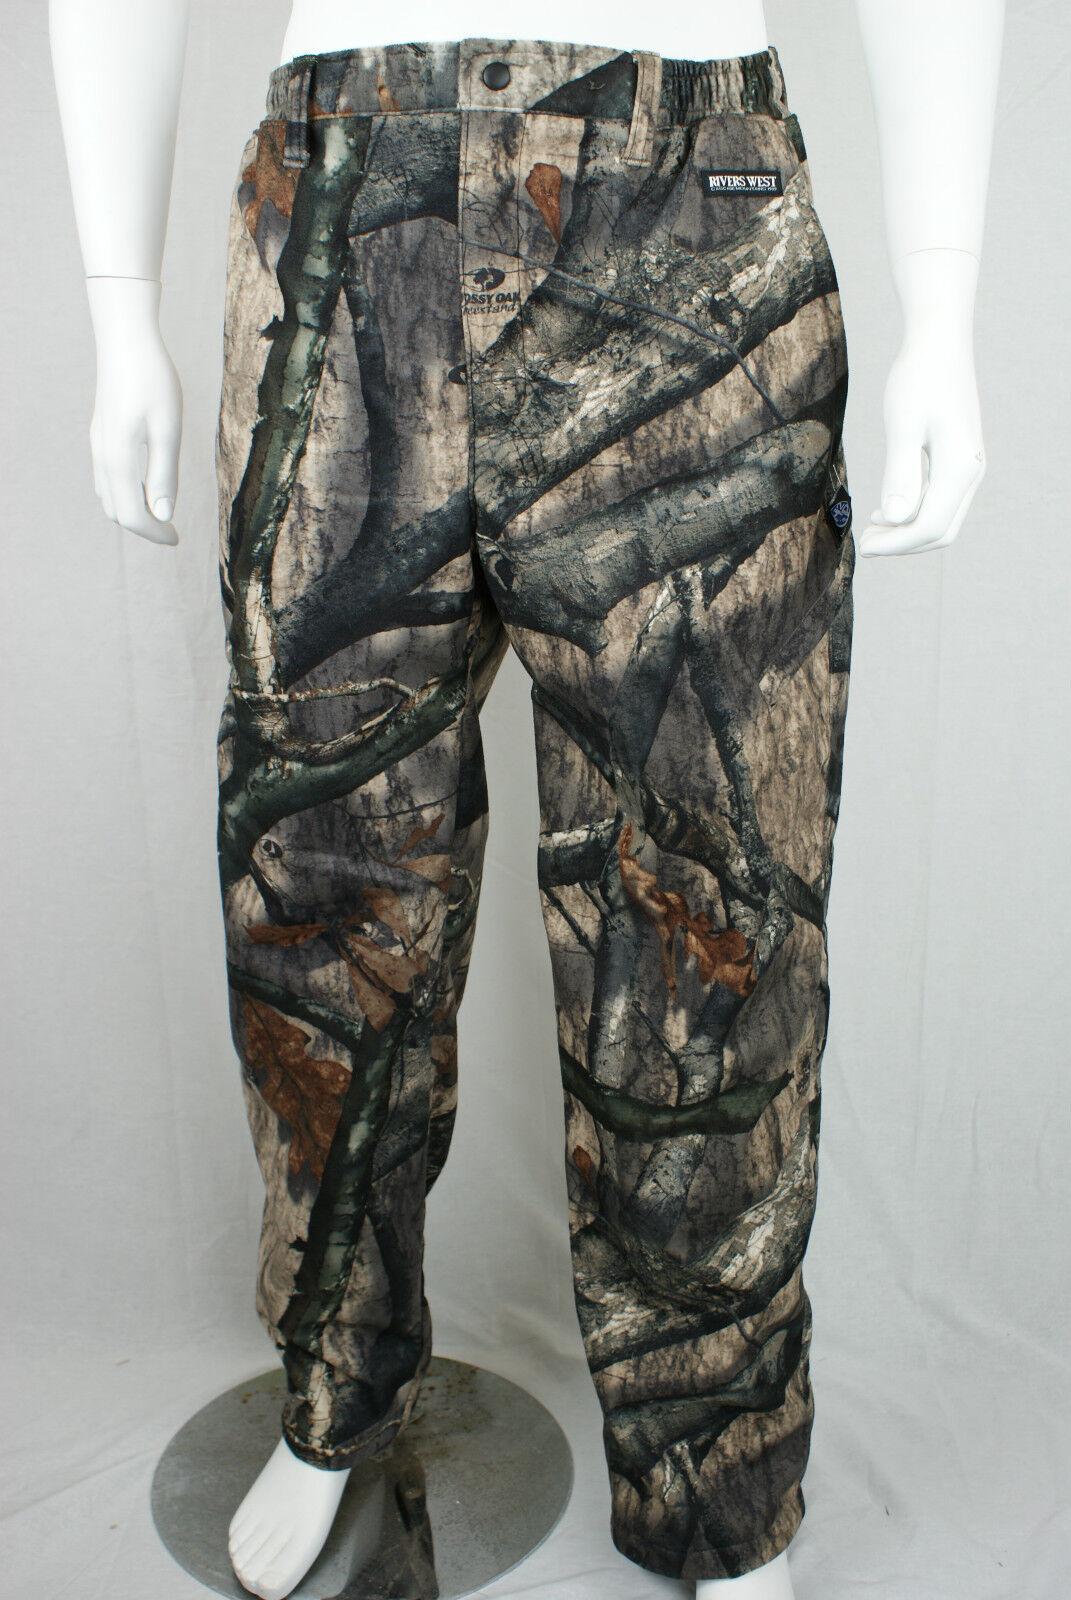 Rivers West arrière Country MossyOak Treestand xxl pantalon imperméable de chasse 7C10